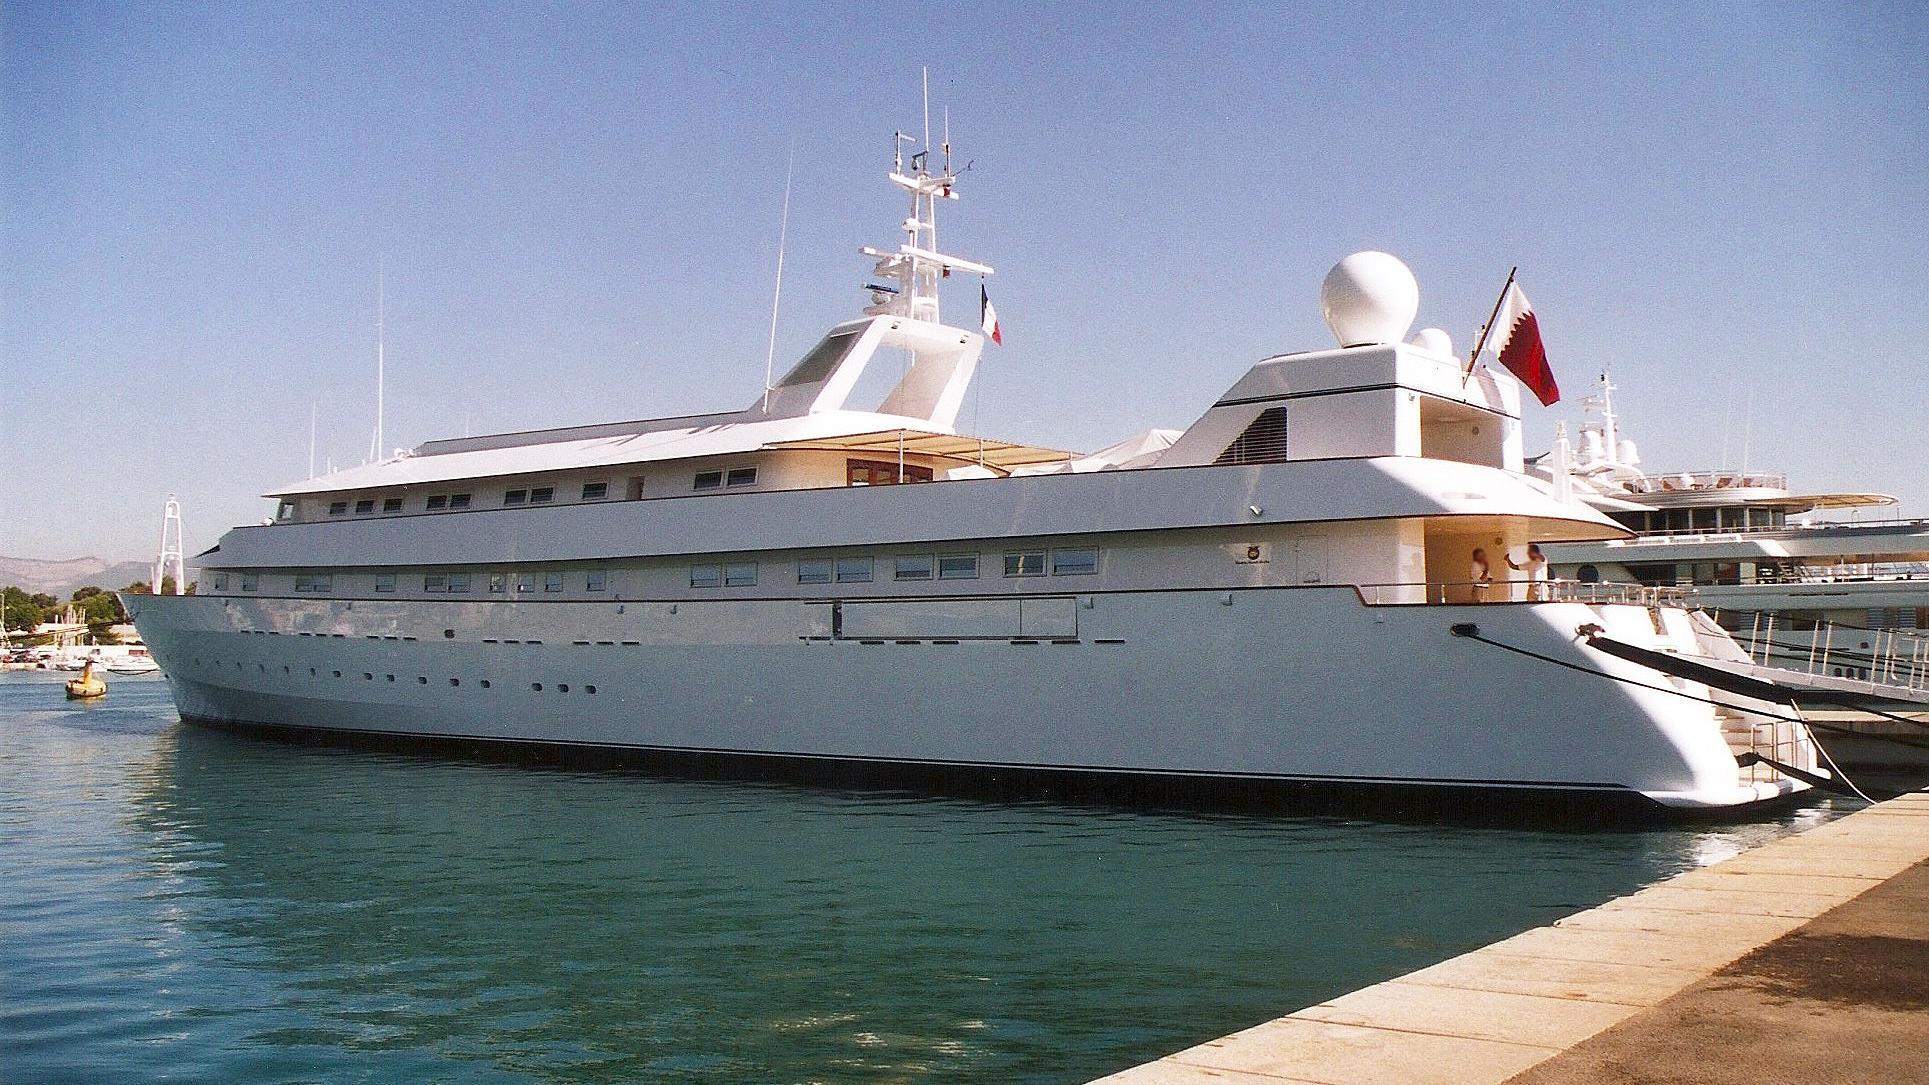 yaakun-motor-yacht-nicolini-1987-65m-profile